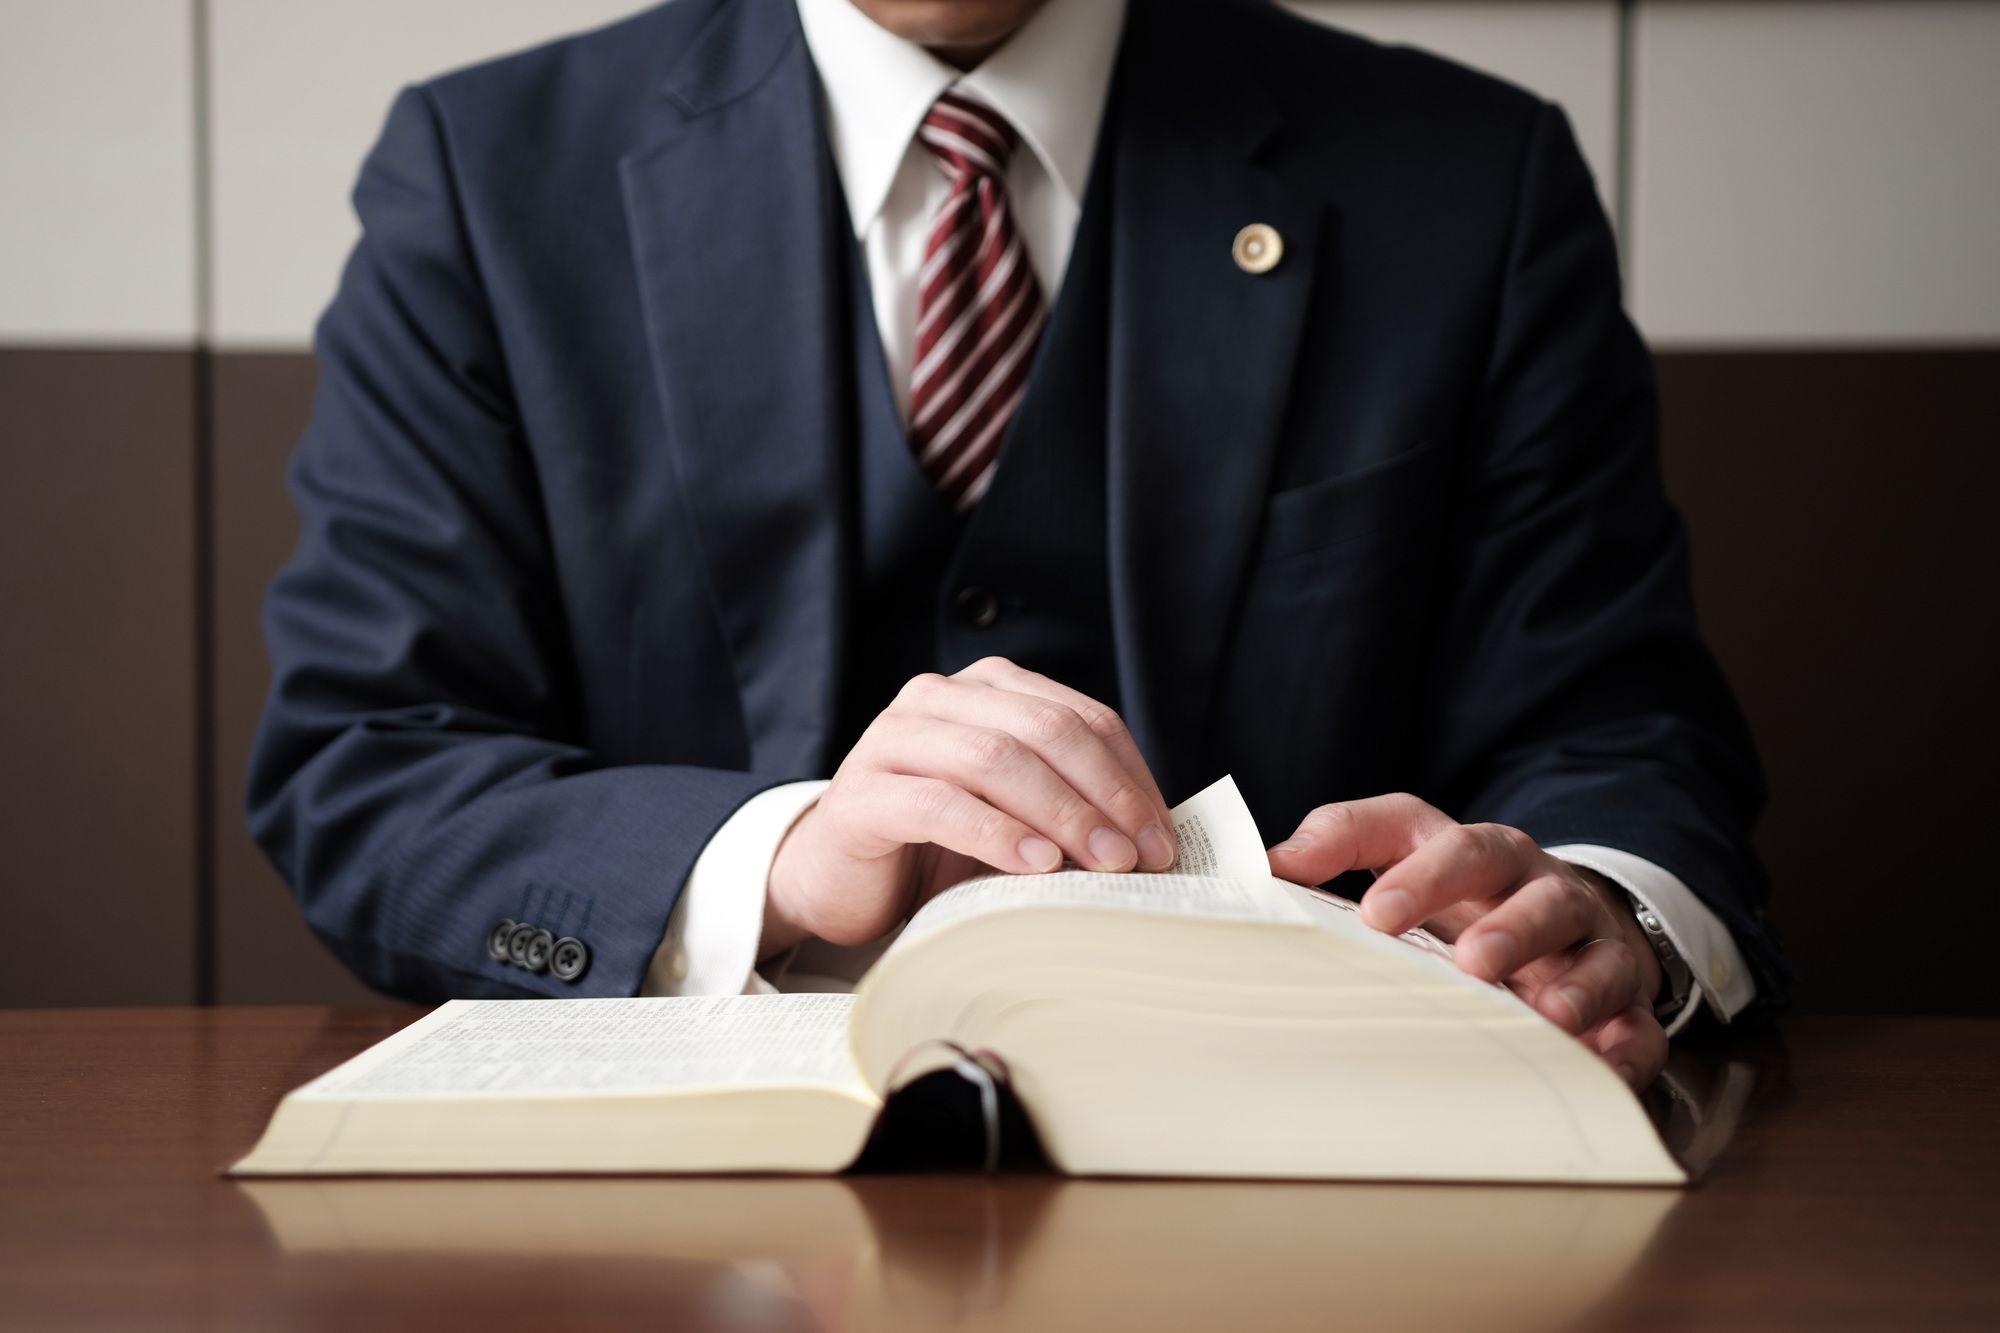 交通事故の賠償金を増額する弁護士基準とは